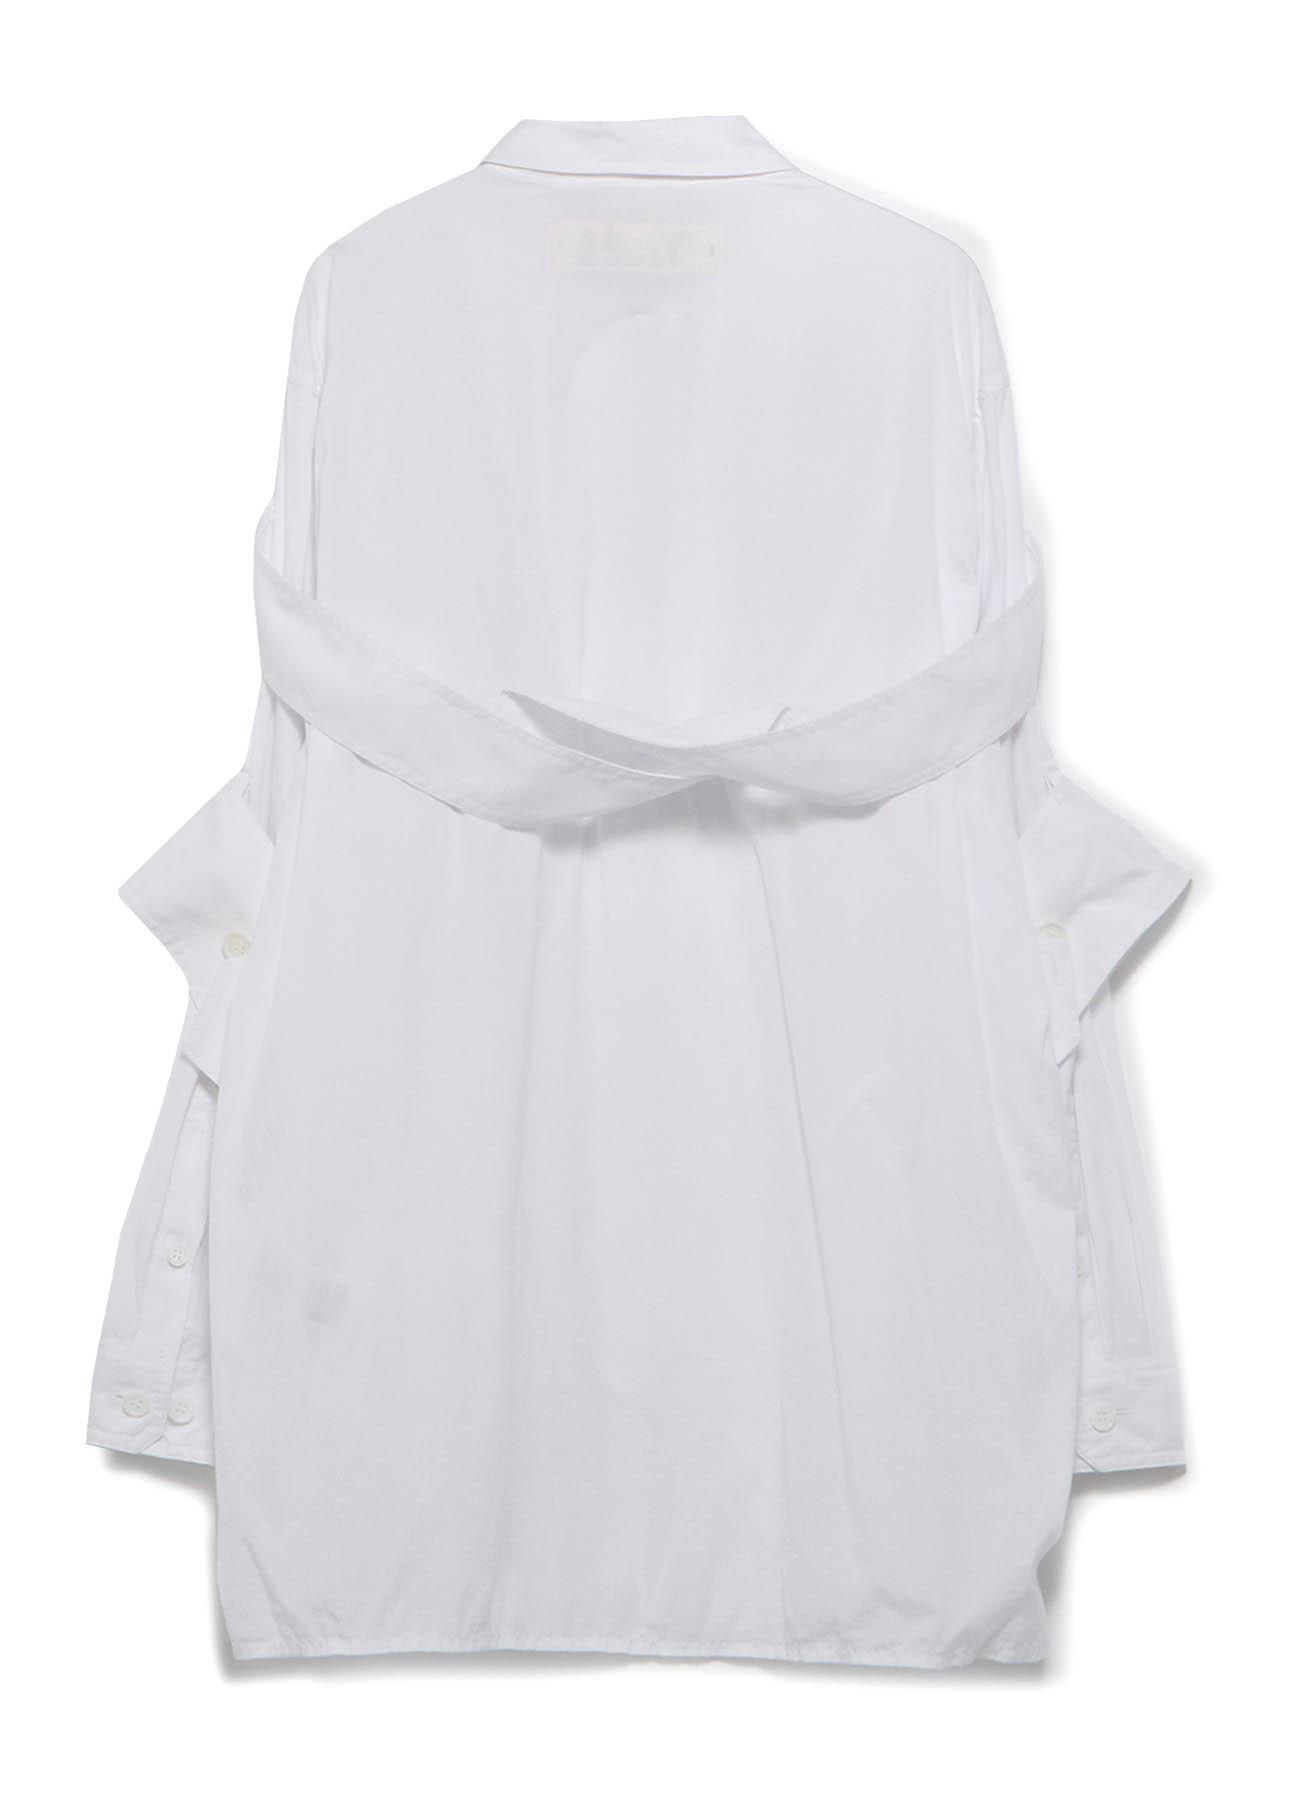 Y's BANG ON!No.31 Armband-Shirts Cotton broad